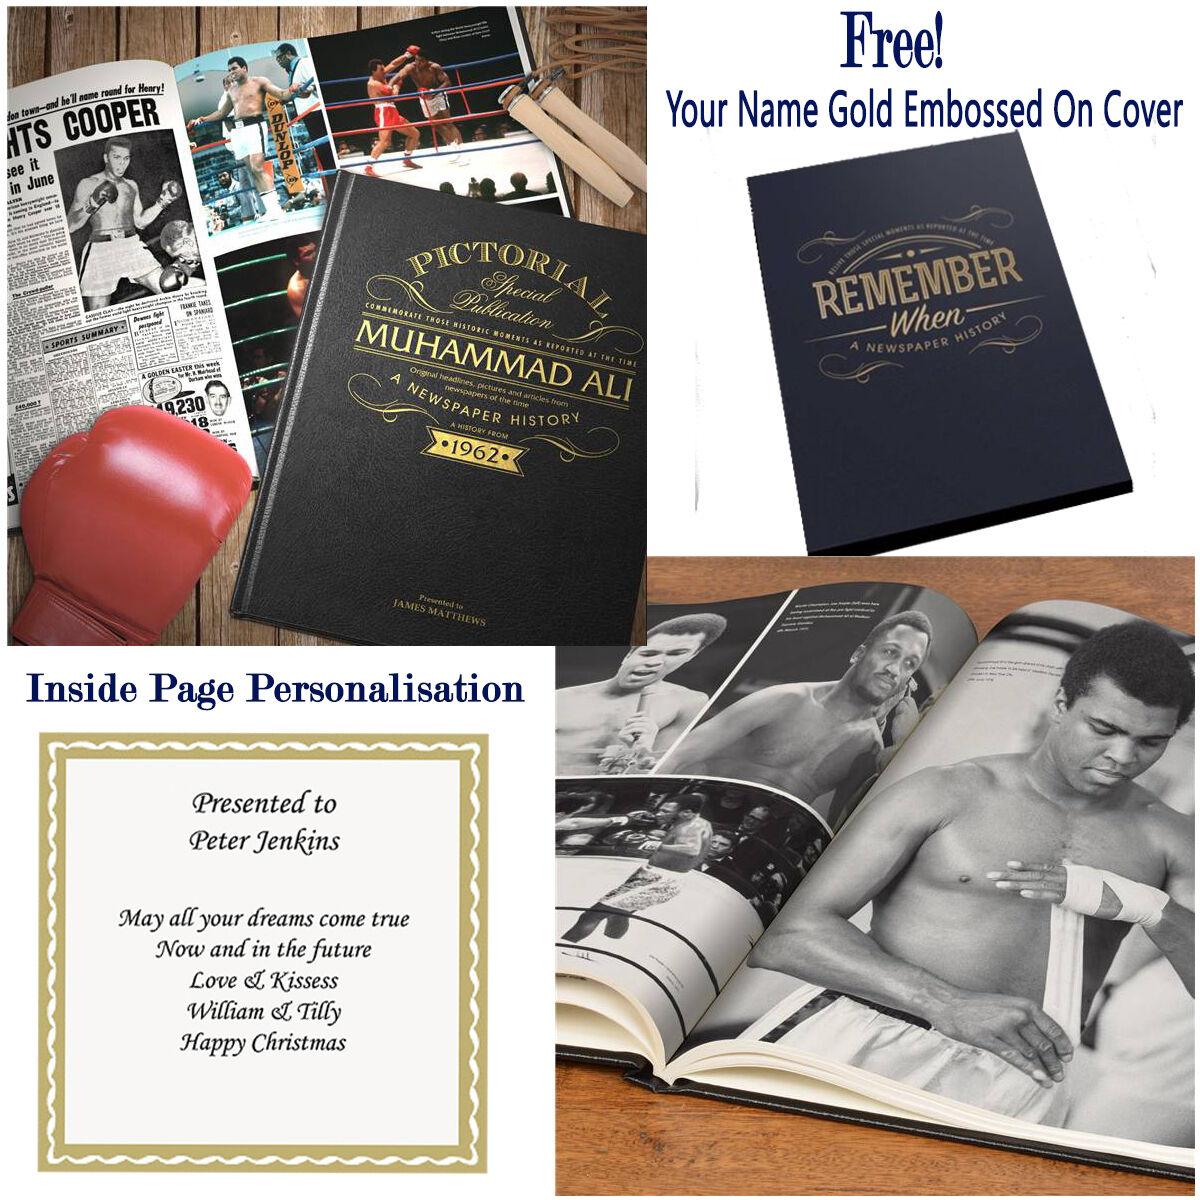 Personnalisé de Muhammad Ali Special Ed Journal Livre Papa Frère cadeaux d'anniversaire